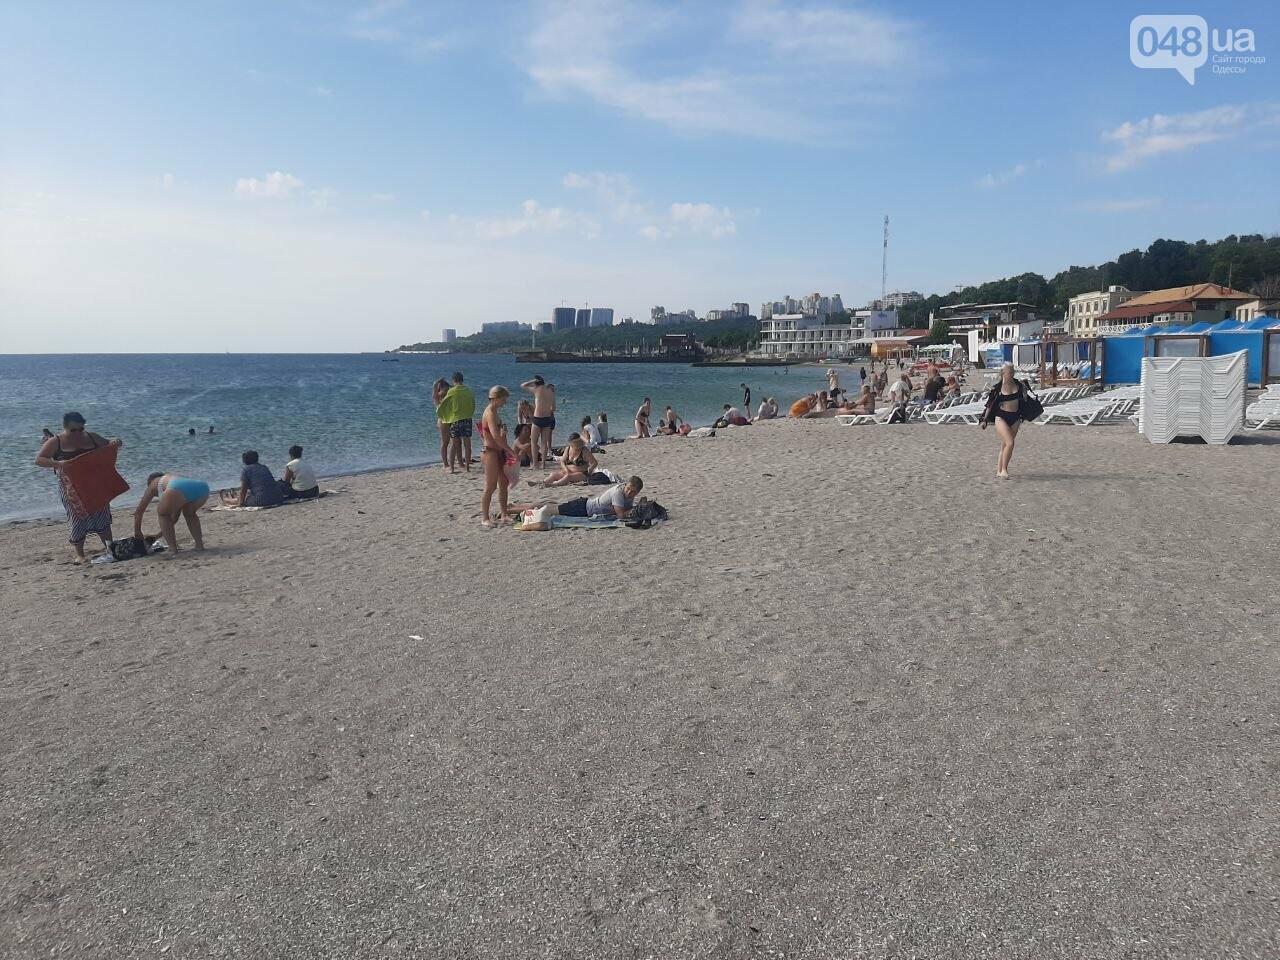 Как выглядит пляж Ланжерон в Одессе после ливня, - ФОТО, ВИДЕО, фото-13